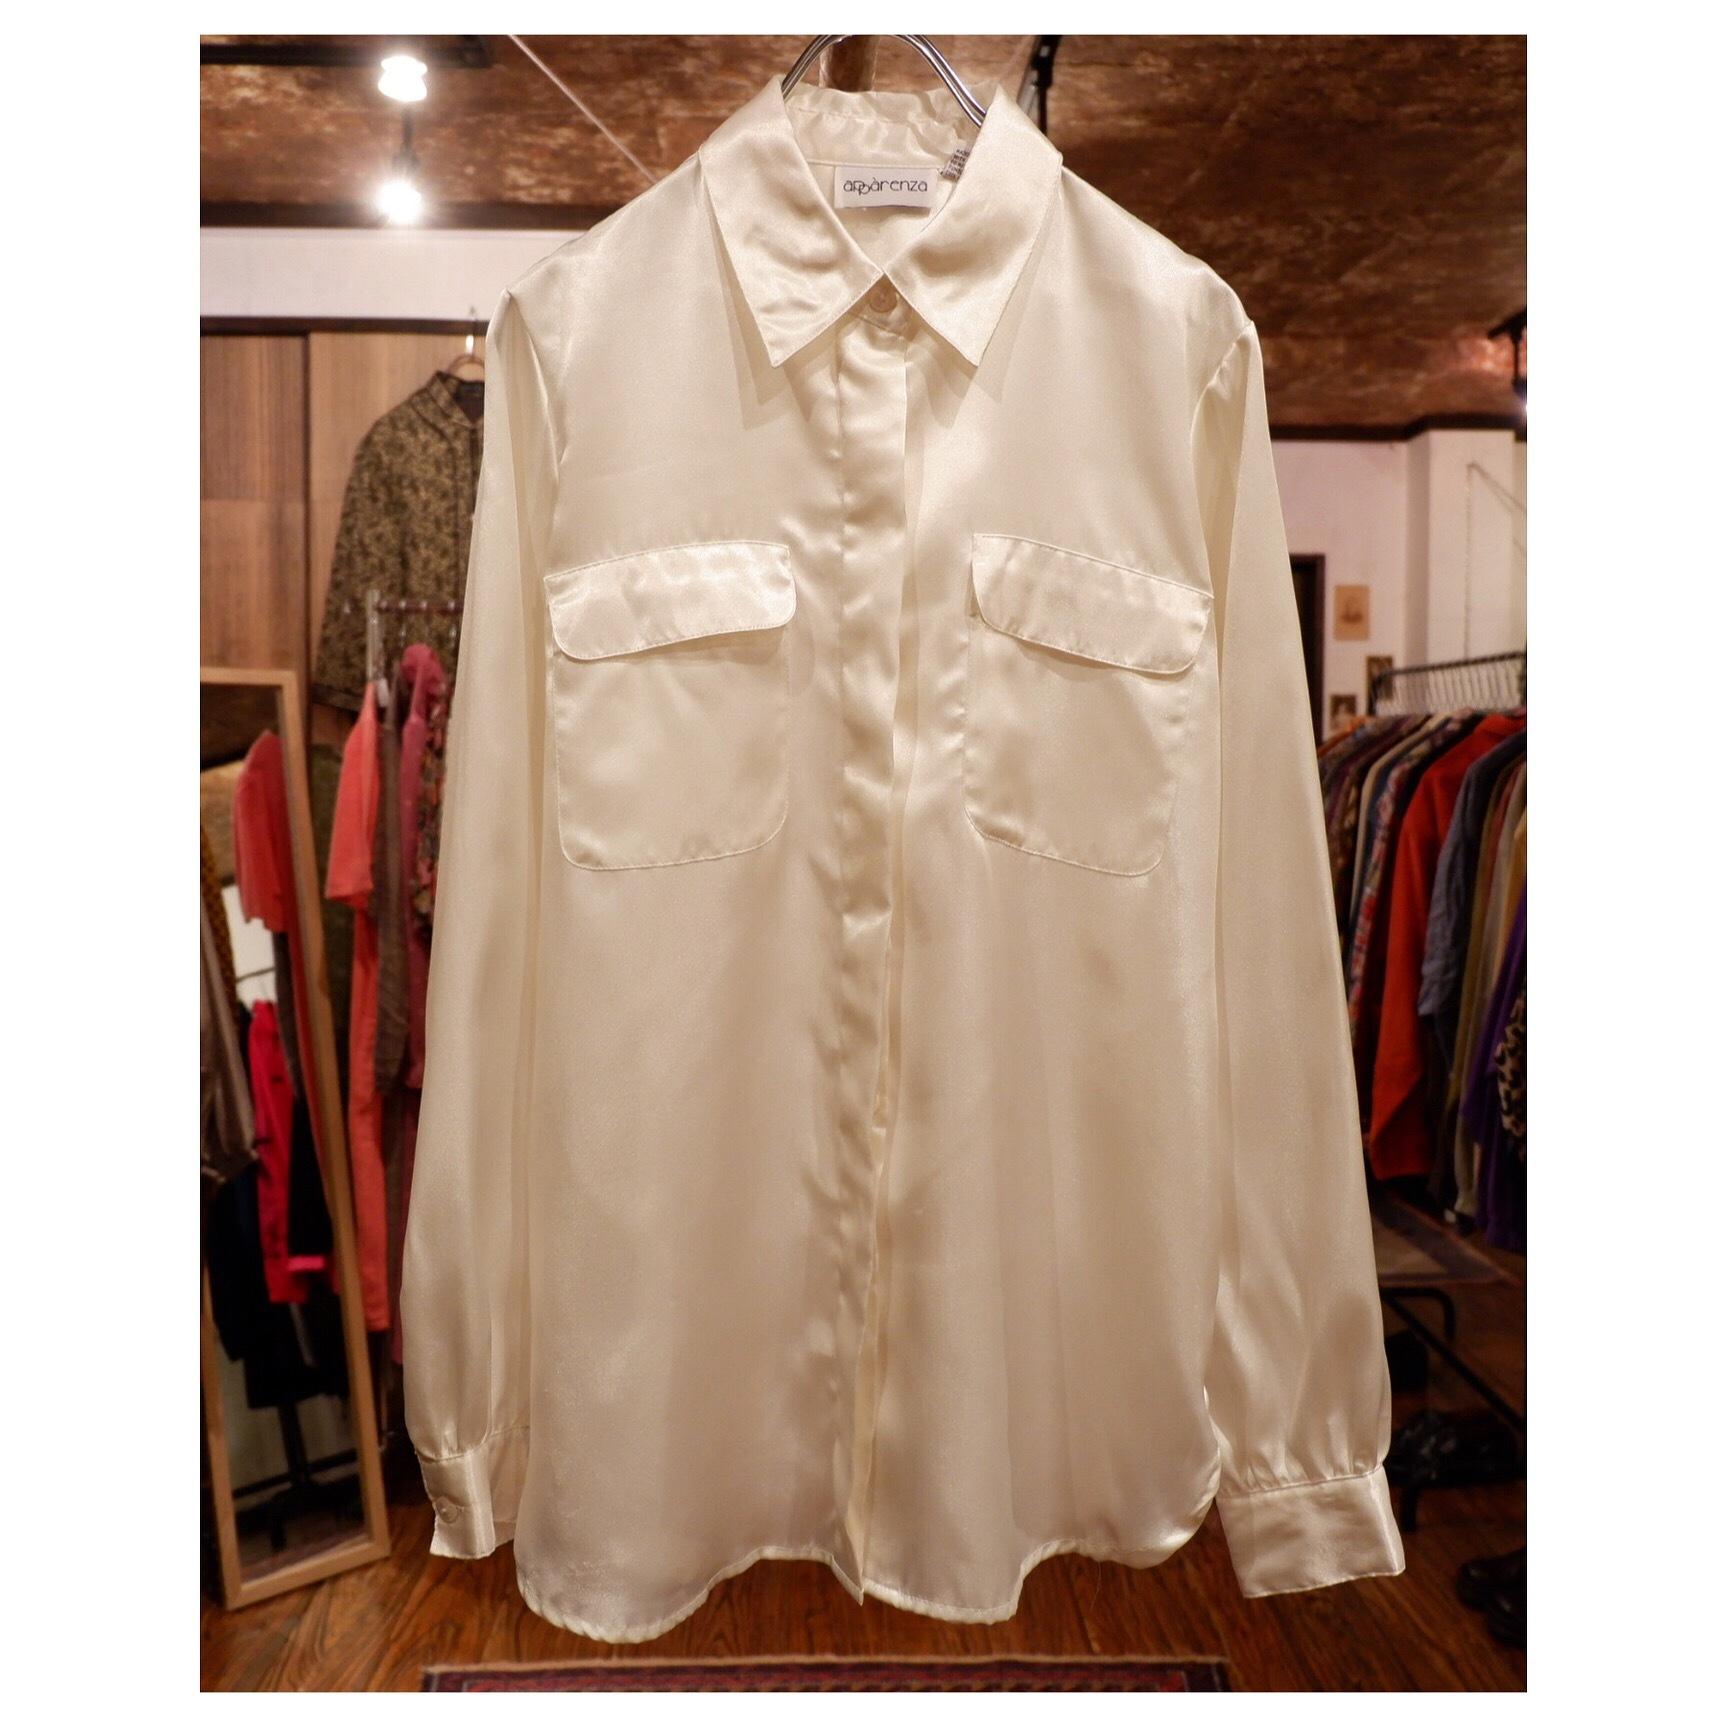 アメリカ古着 ホワイト 比翼デザイン シャツ